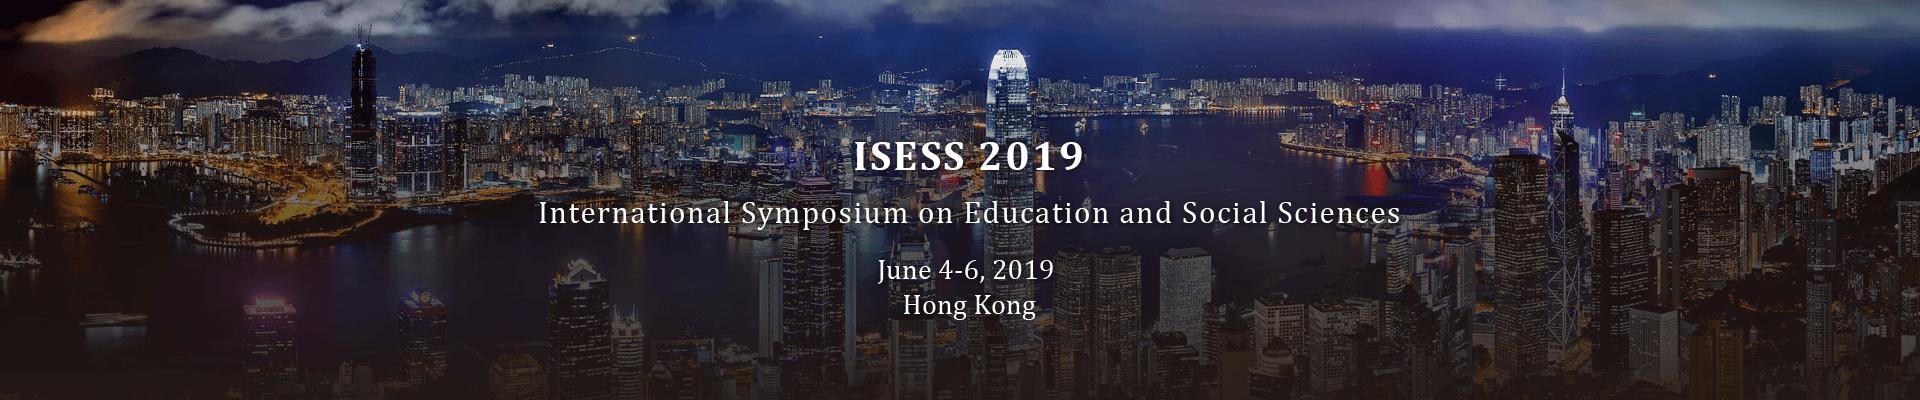 ISESS 2019  International Symposium on Education and Social Sciences, Hong Kong, China